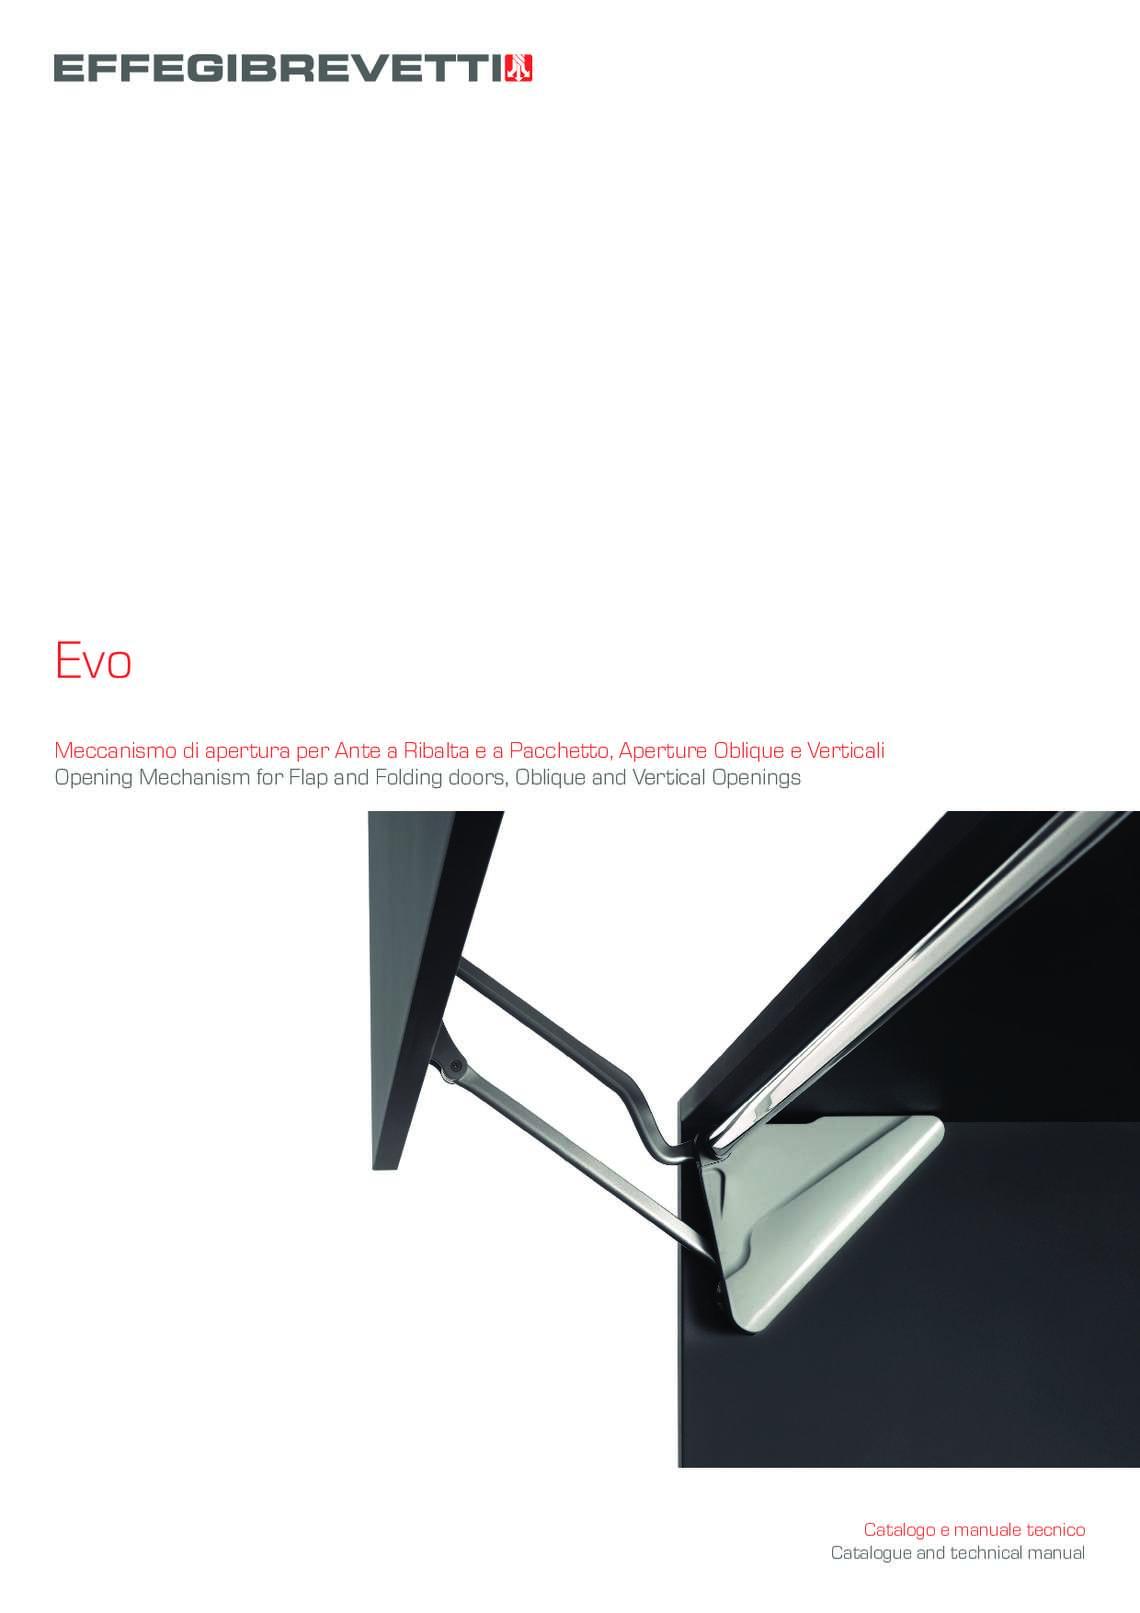 Evo - Meccanismo di apertura per Ante a Ribalta e a Pacchetto, Aperture Oblique e Verticali